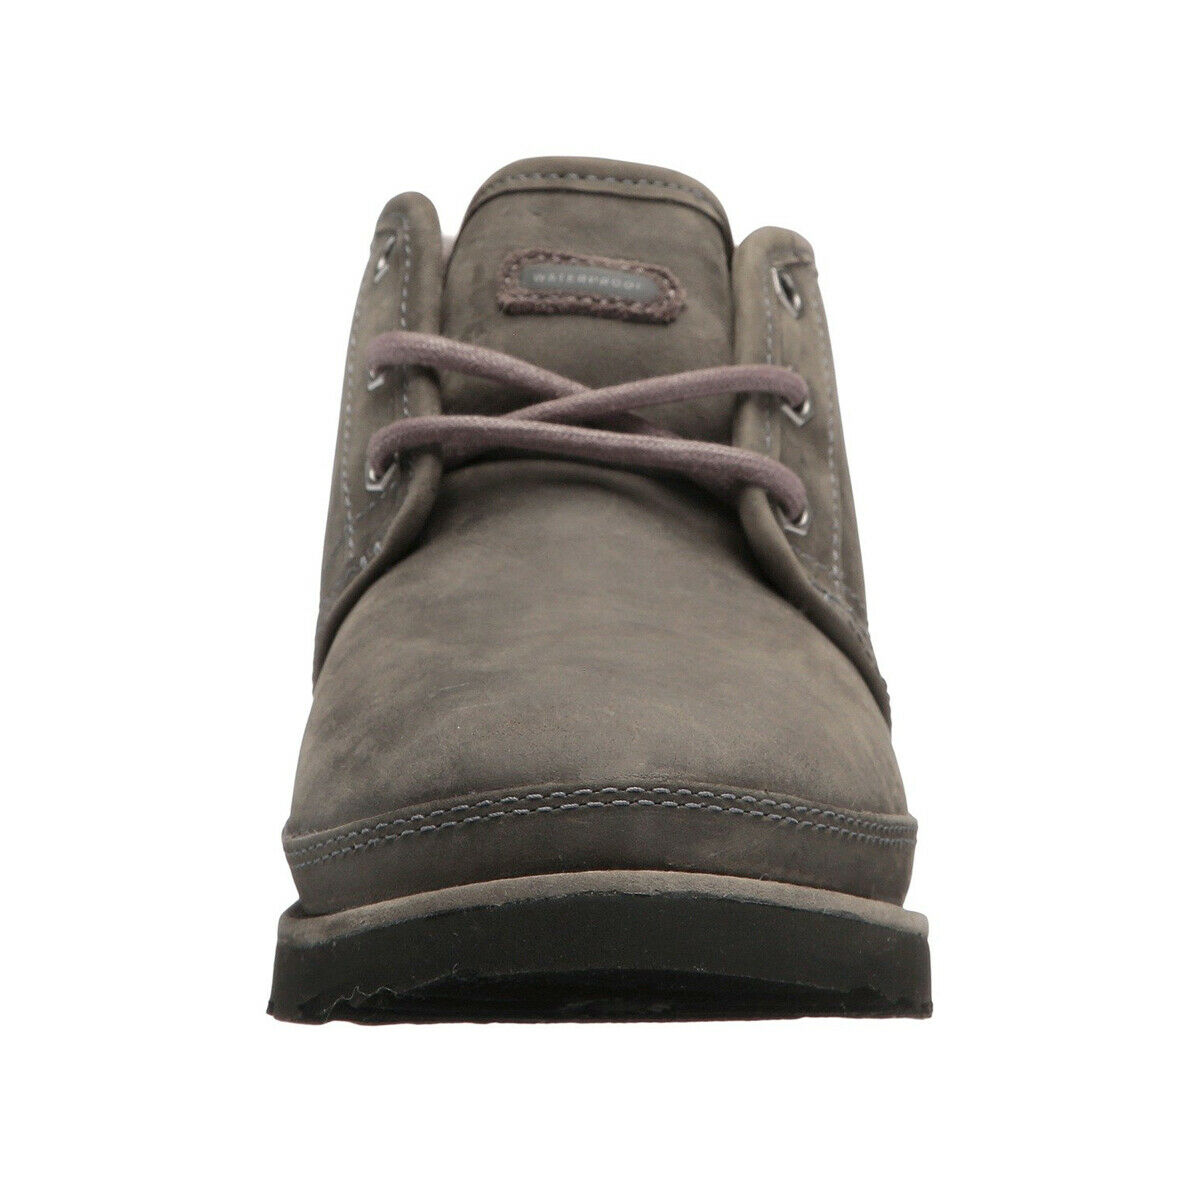 f0ab3bc7e90 UGG Australia Neumel Classic Waterproof Charcoal Grey Men 9